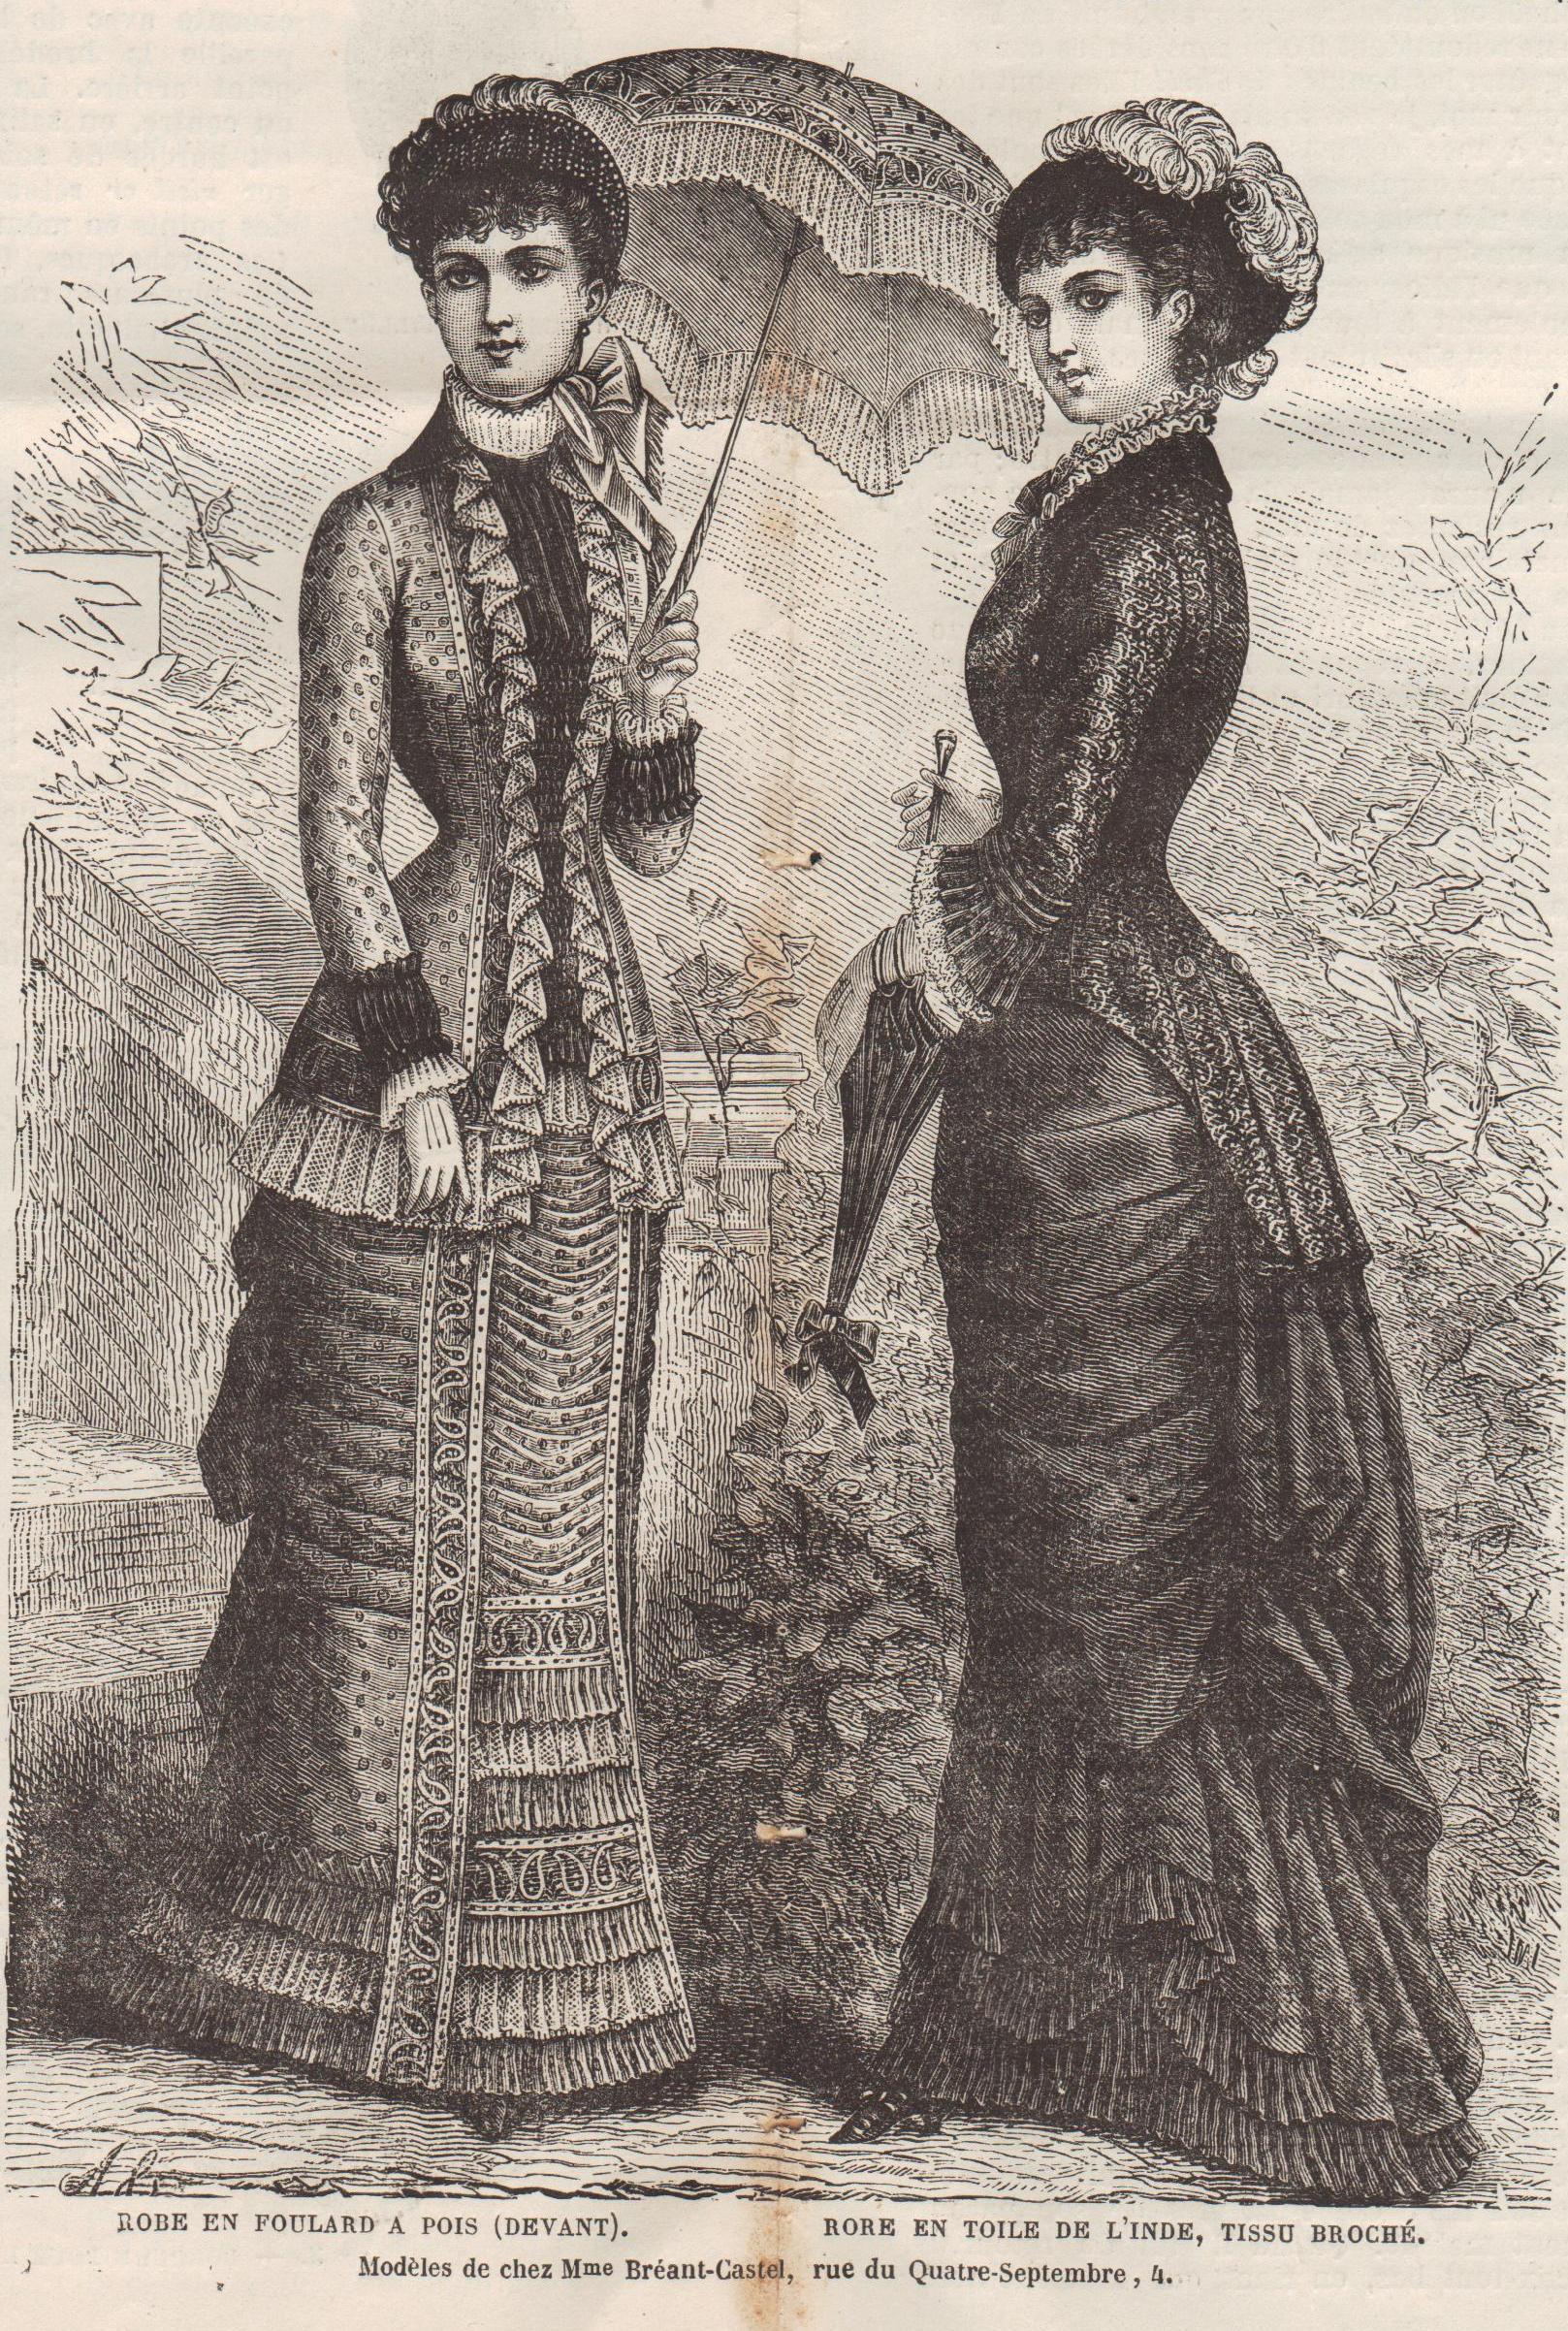 robe en foulard